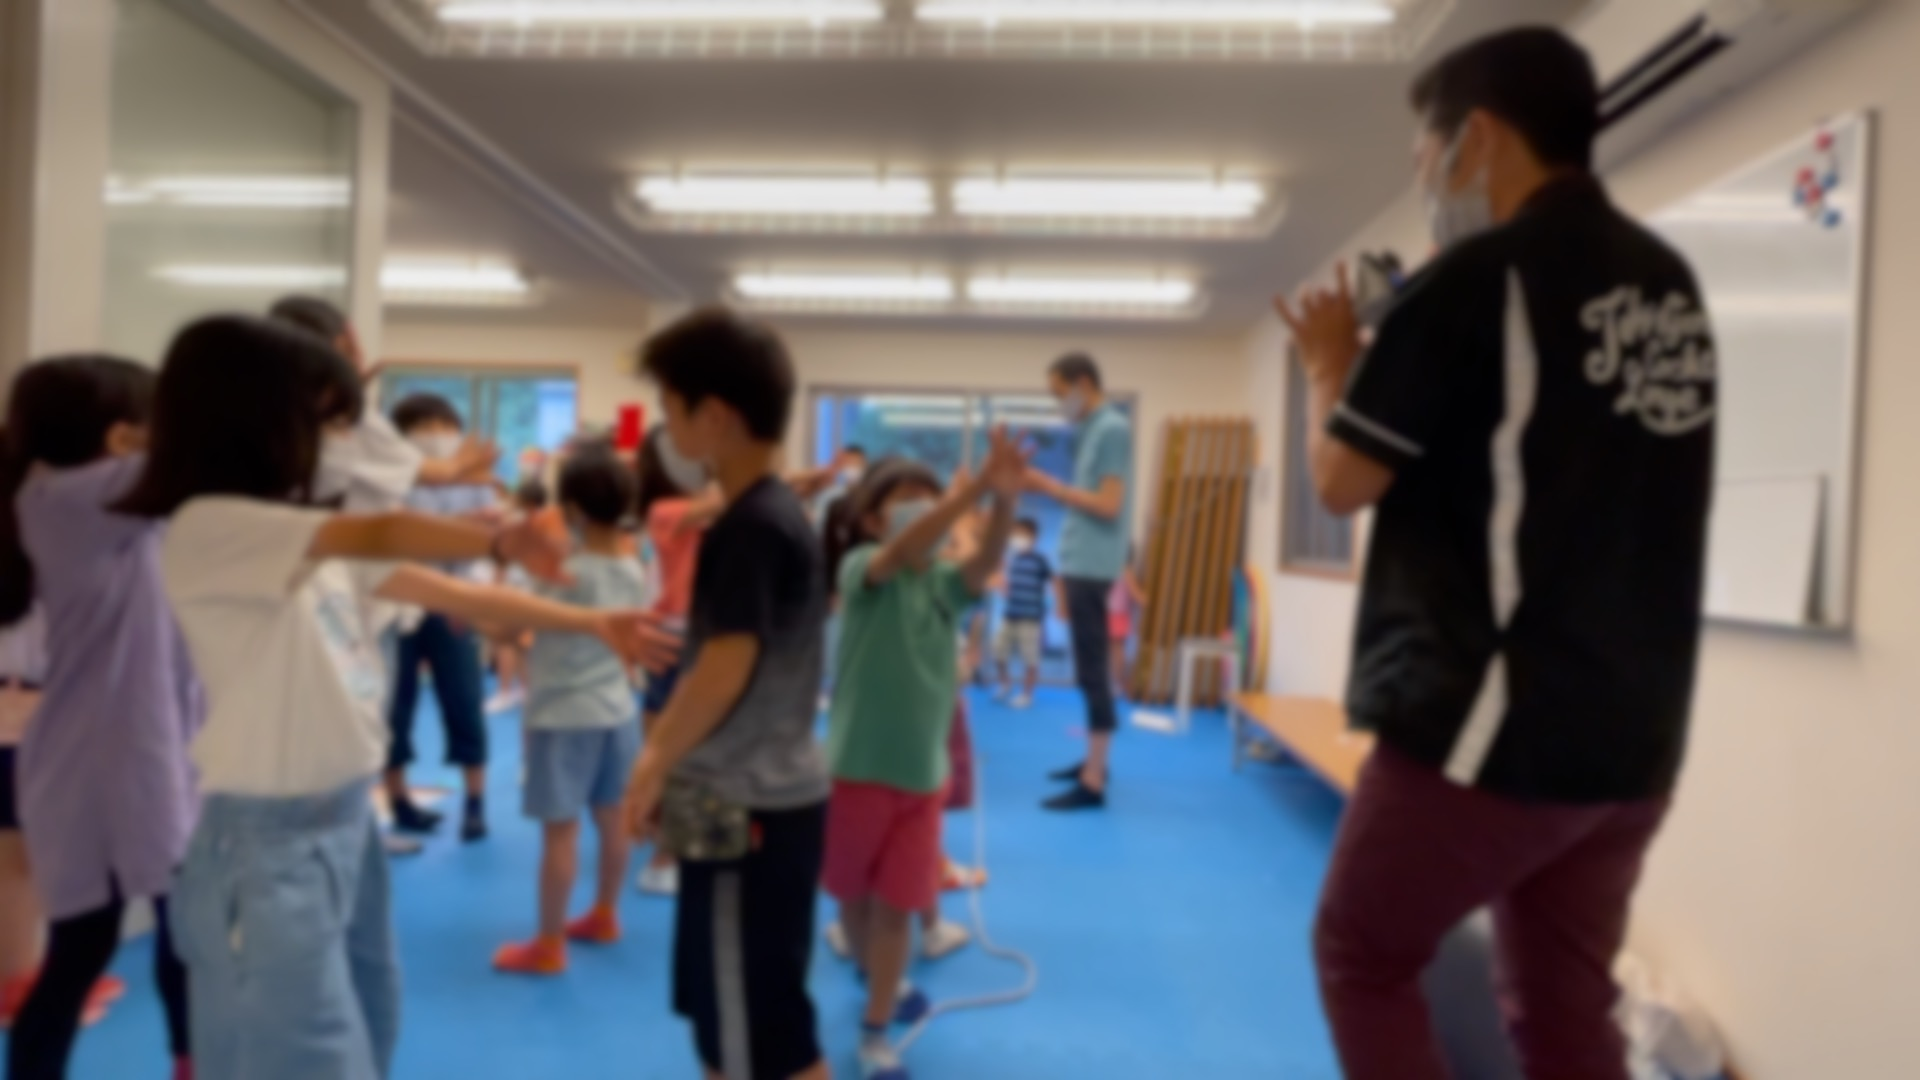 手が手を貫通 学童保育の夏休みイベントで出張マジシャンのマジックショー 東京都大田区